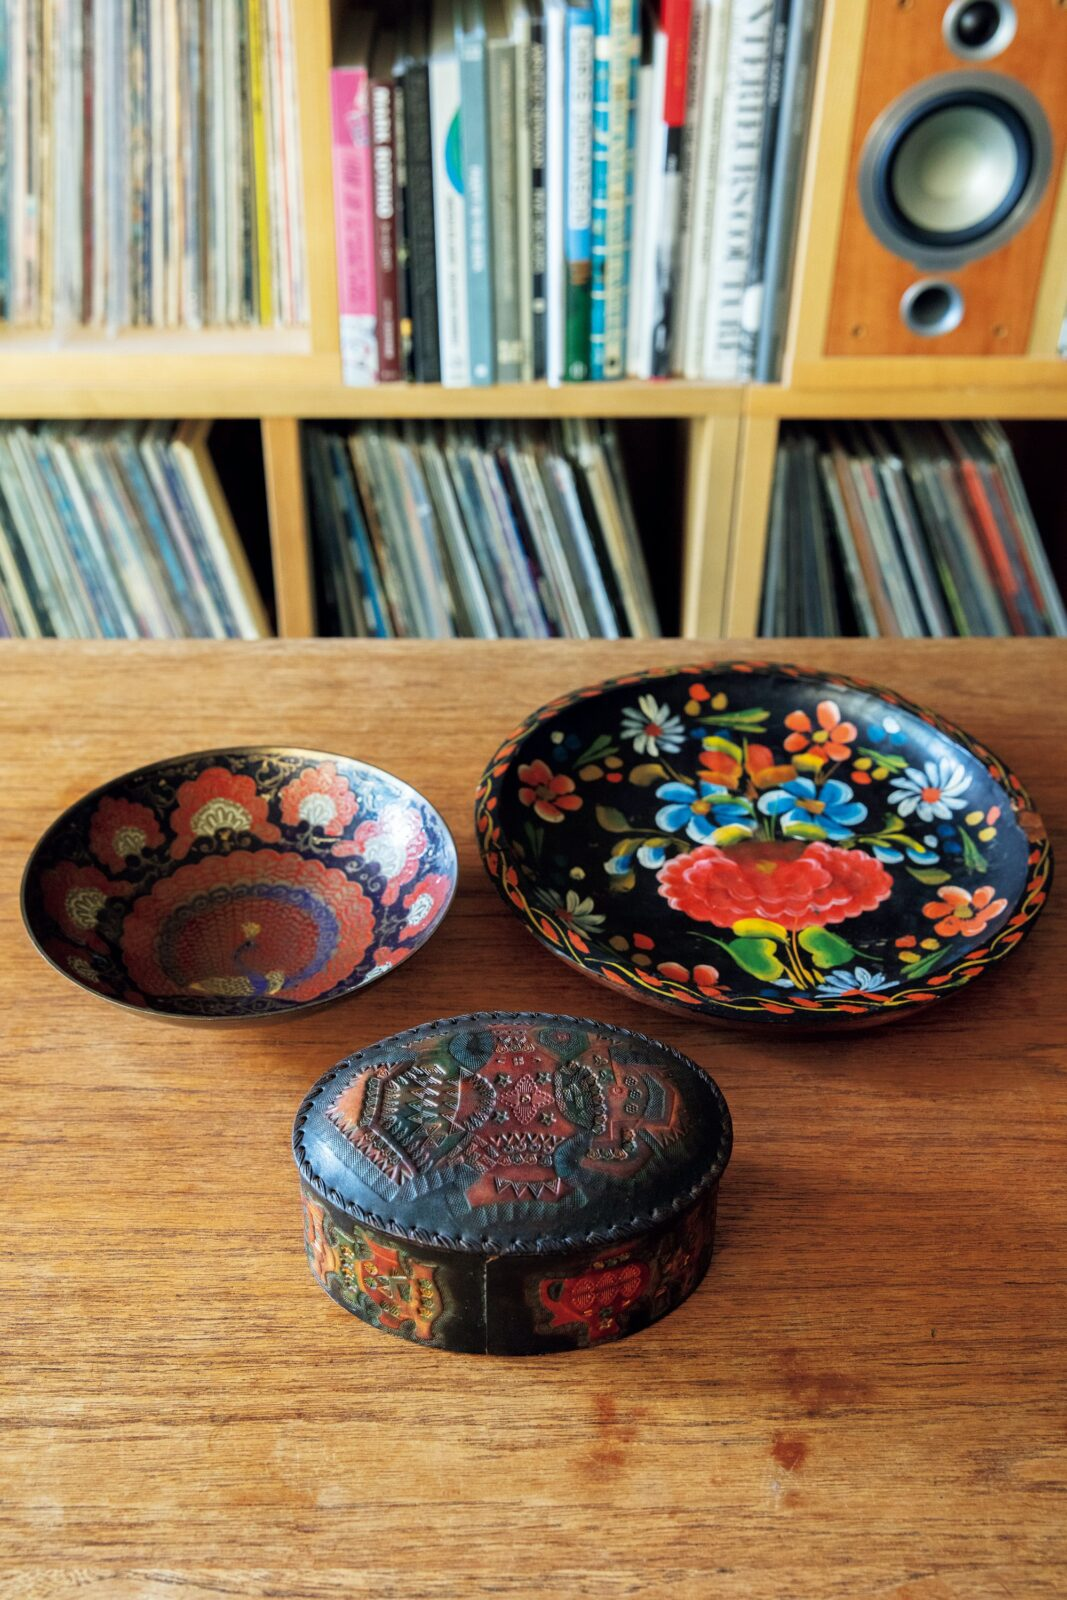 リビングのテーブル上には、色味を揃えた絵皿とアクセサリーケースが。左は護国寺の骨董市で購入したメキシコの品。右は〈アウトオブミュージアム〉で入手。「きっと東南アジアのもの」というアクセサリーケースは浦和の骨董市にて。